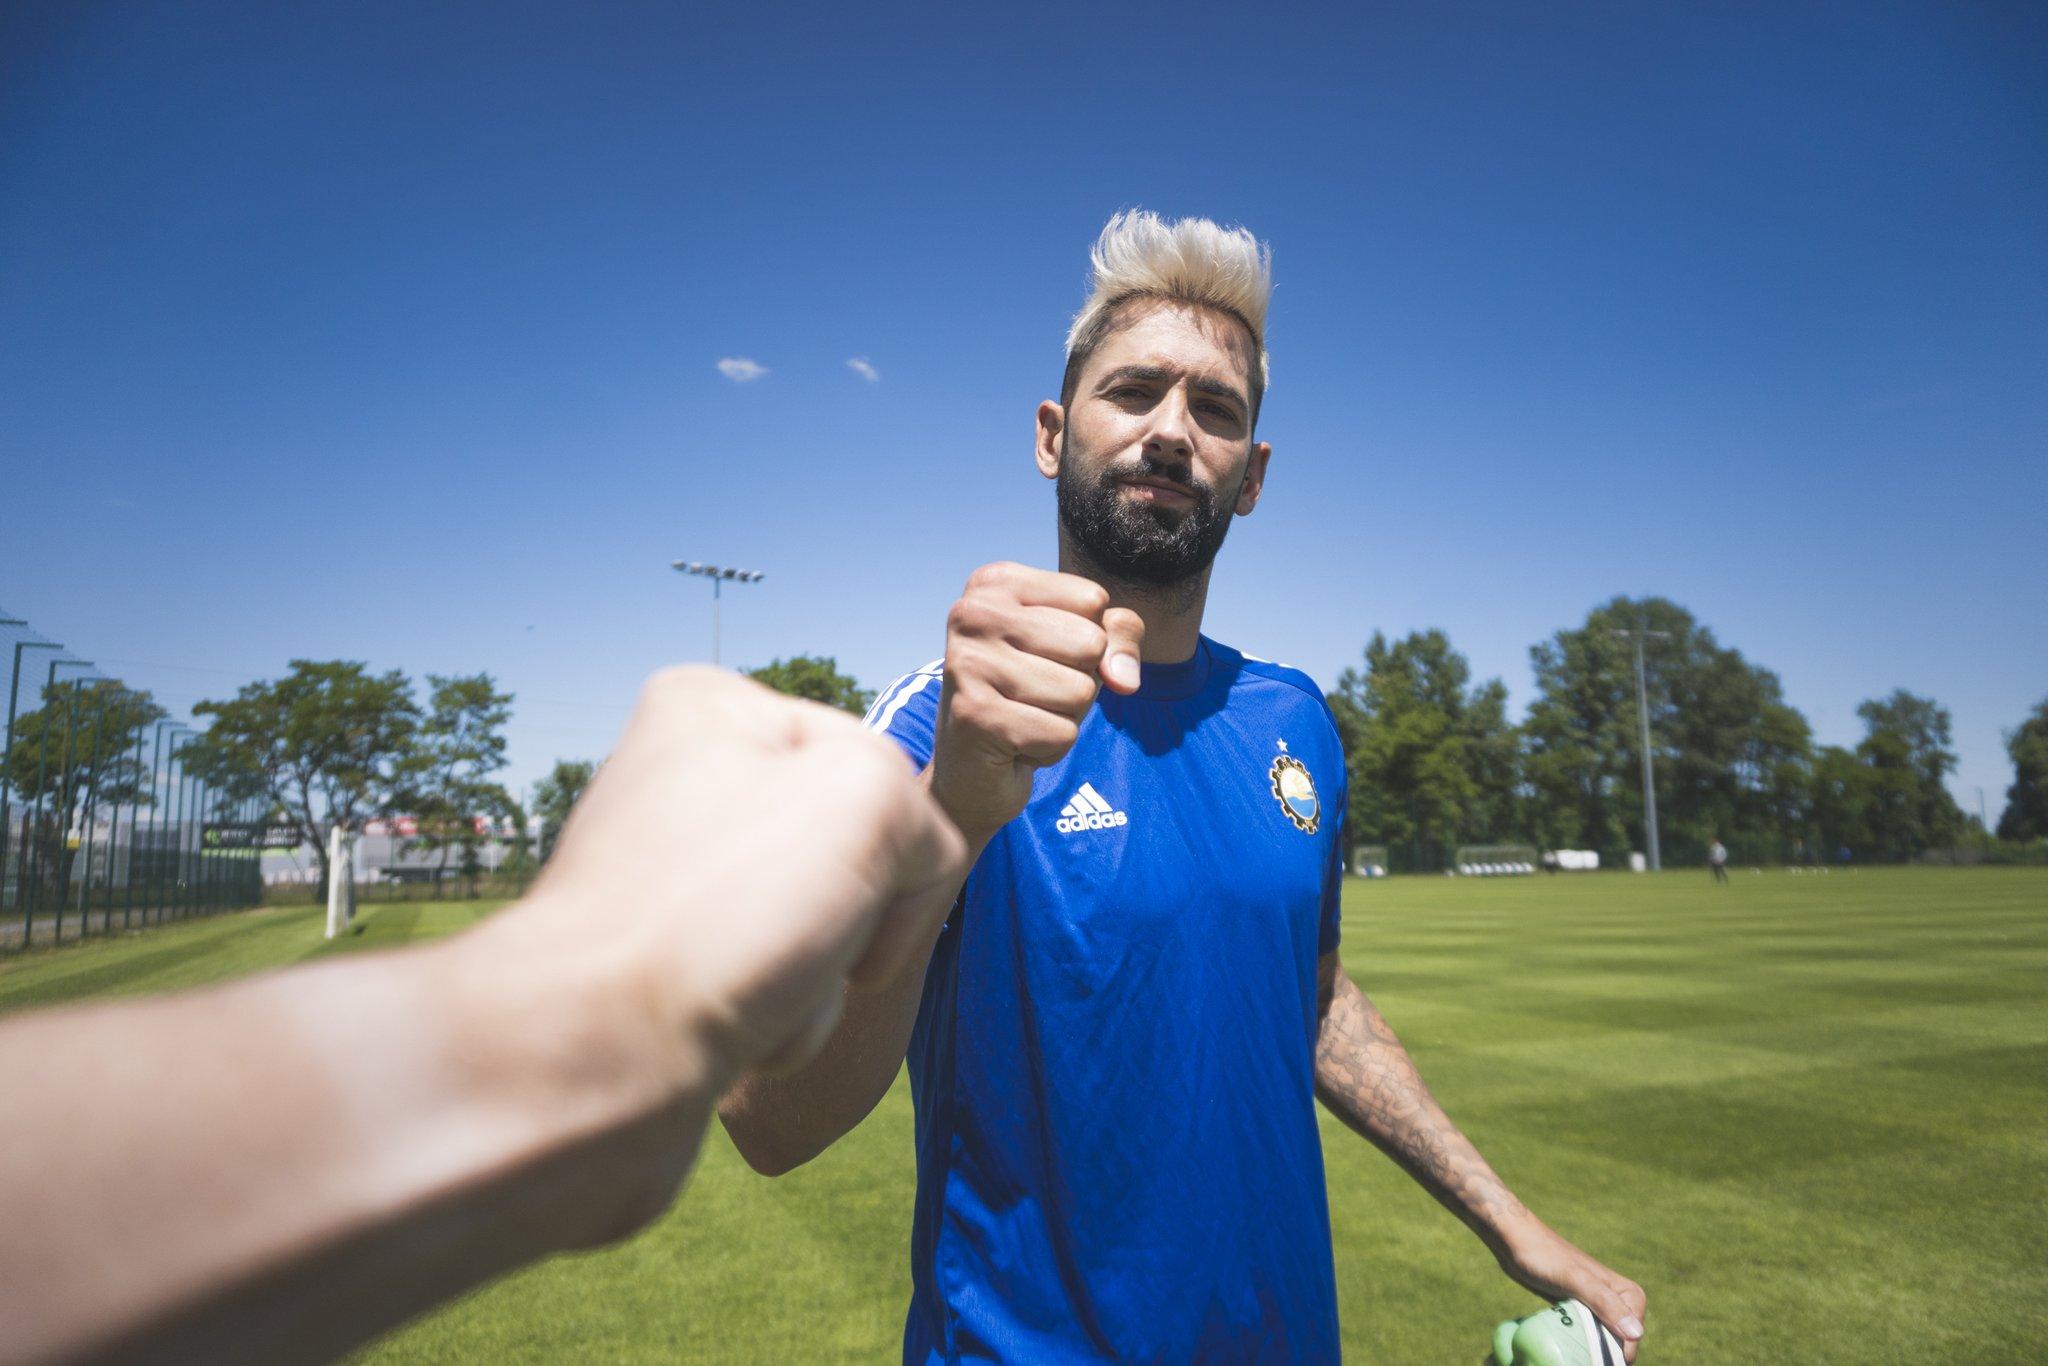 Piłkarze Stali Mielec ruszają z przygotowaniami do nowego sezonu. Poznaj plan sparingów [ZDJĘCIA] - Zdjęcie główne